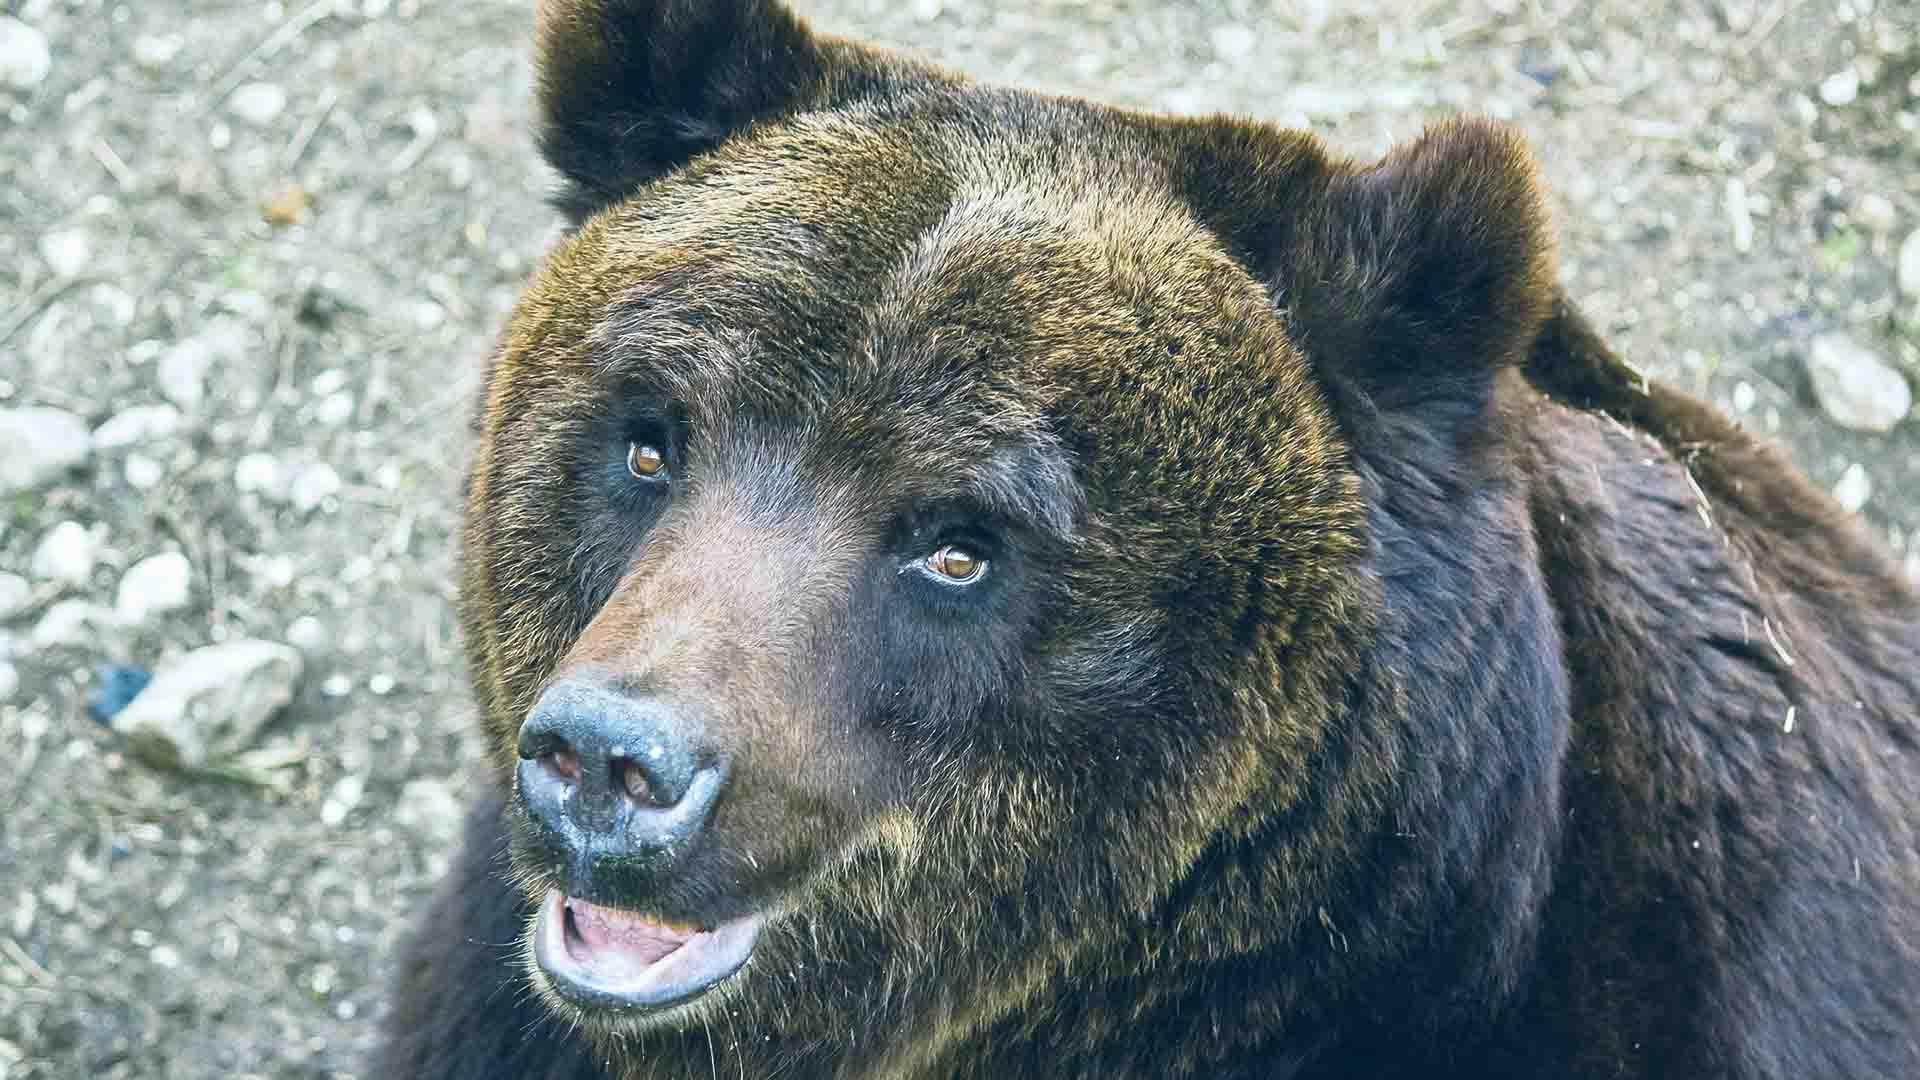 Circa il 50% delle specie animali è a rischio in varie aree del pianeta